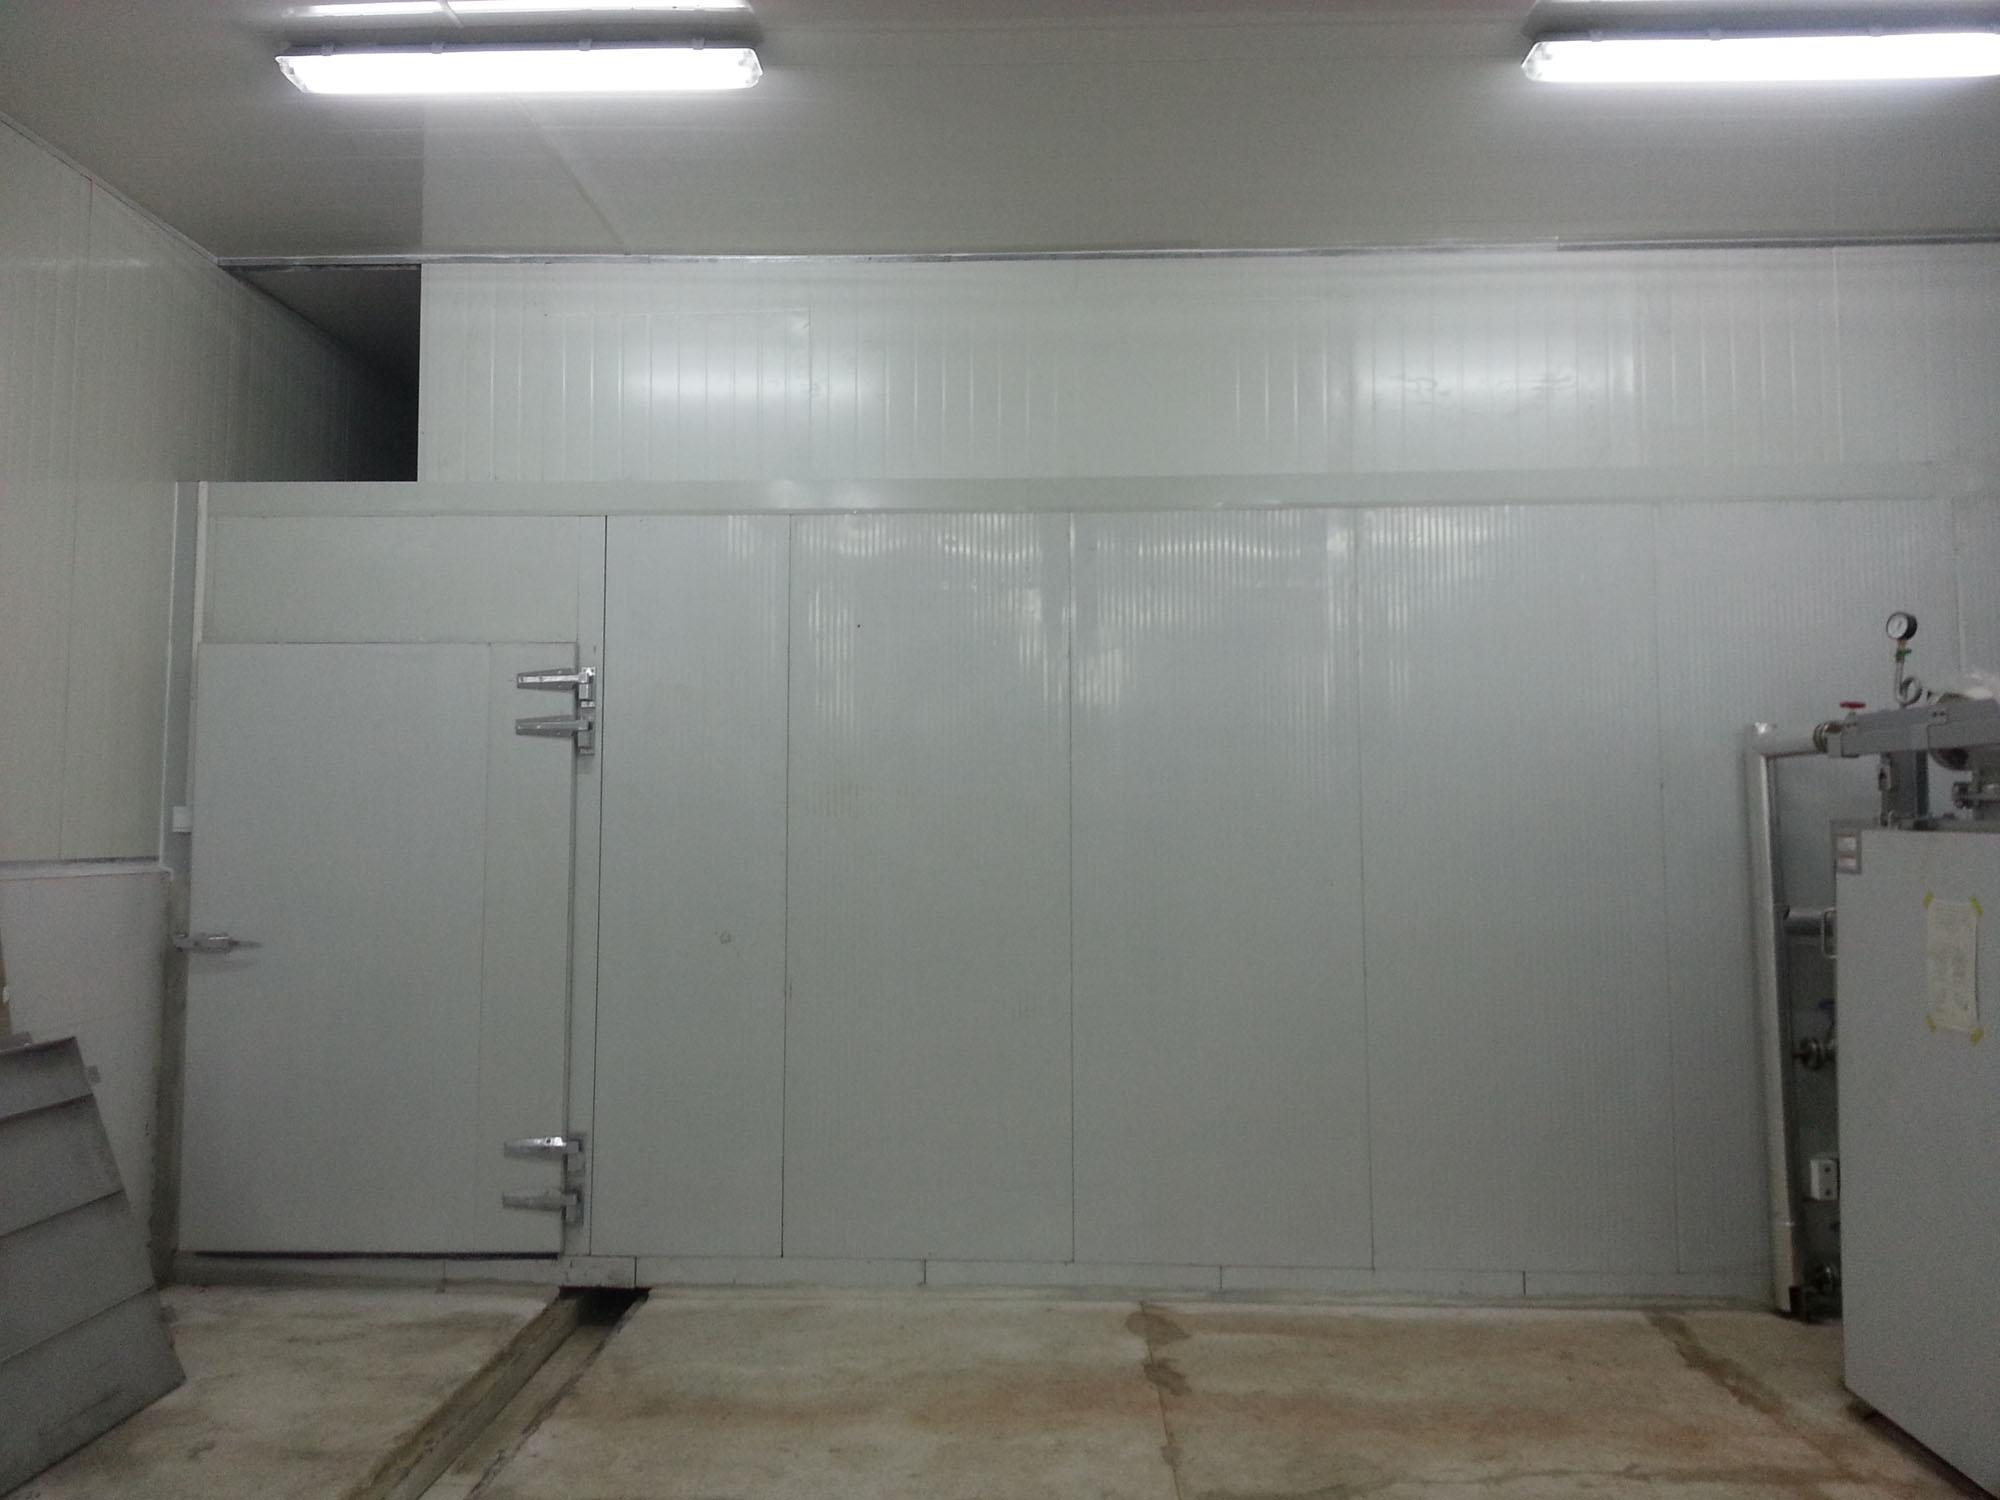 冷库机组_青岛冷库机组厂家-青岛市山冰制冷设备有限